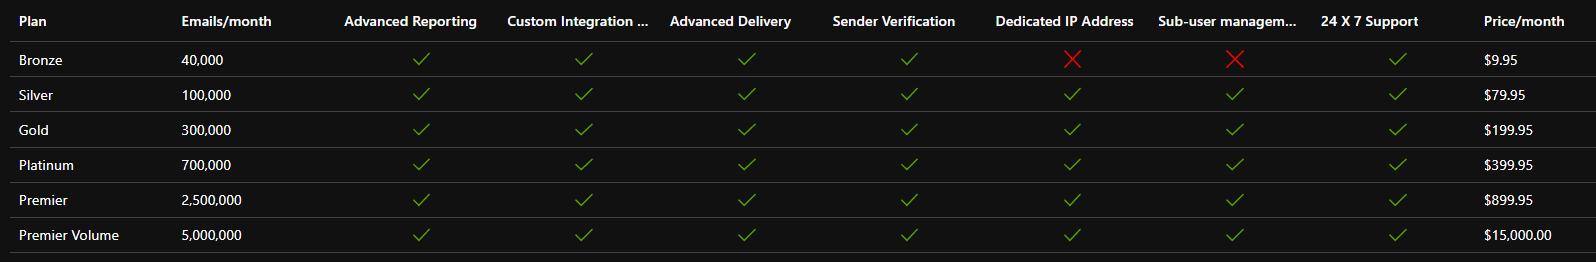 SendGrid plans in Azure